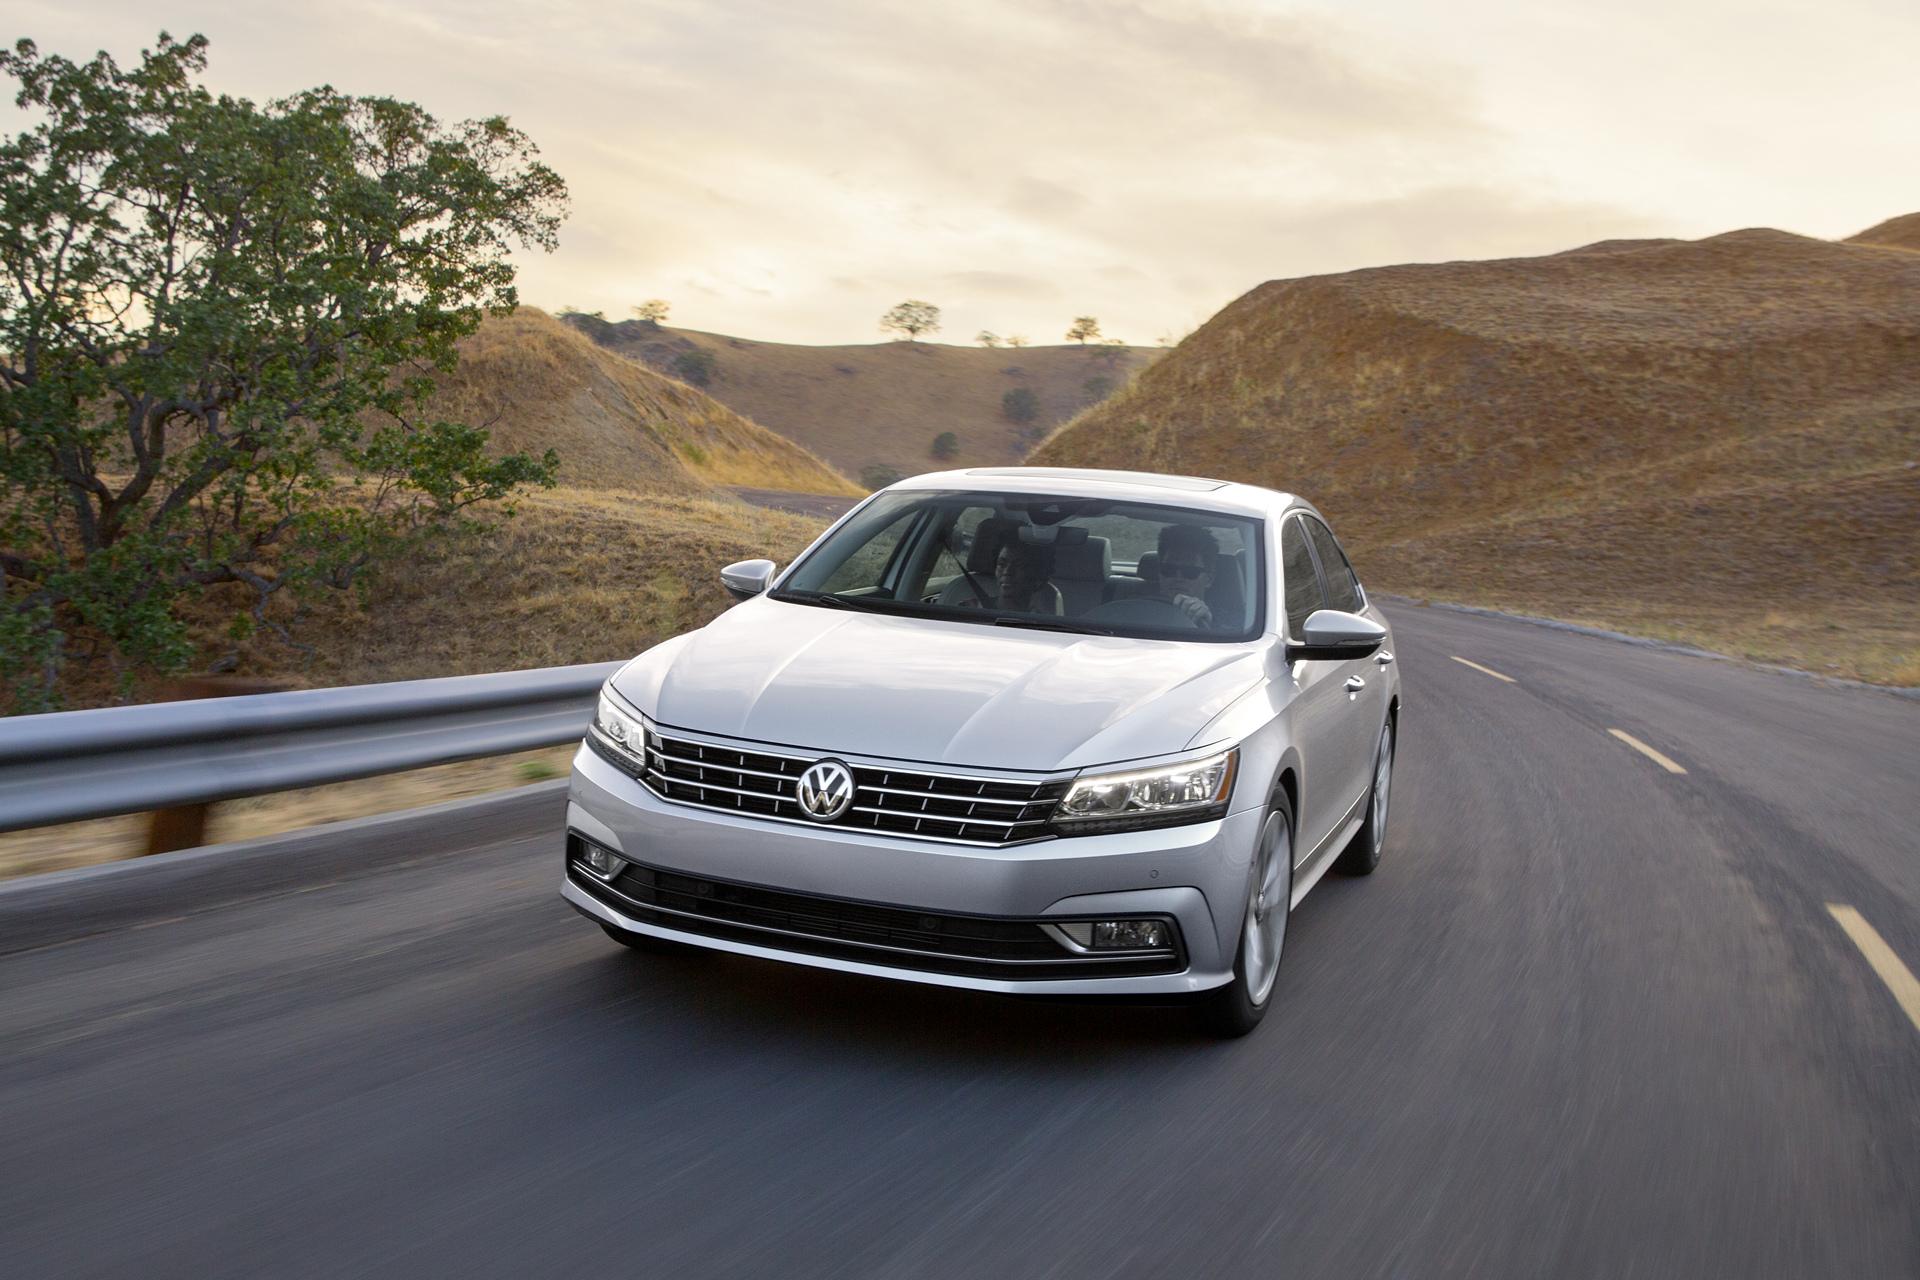 2016 Volkswagen Passat © Volkswagen AG